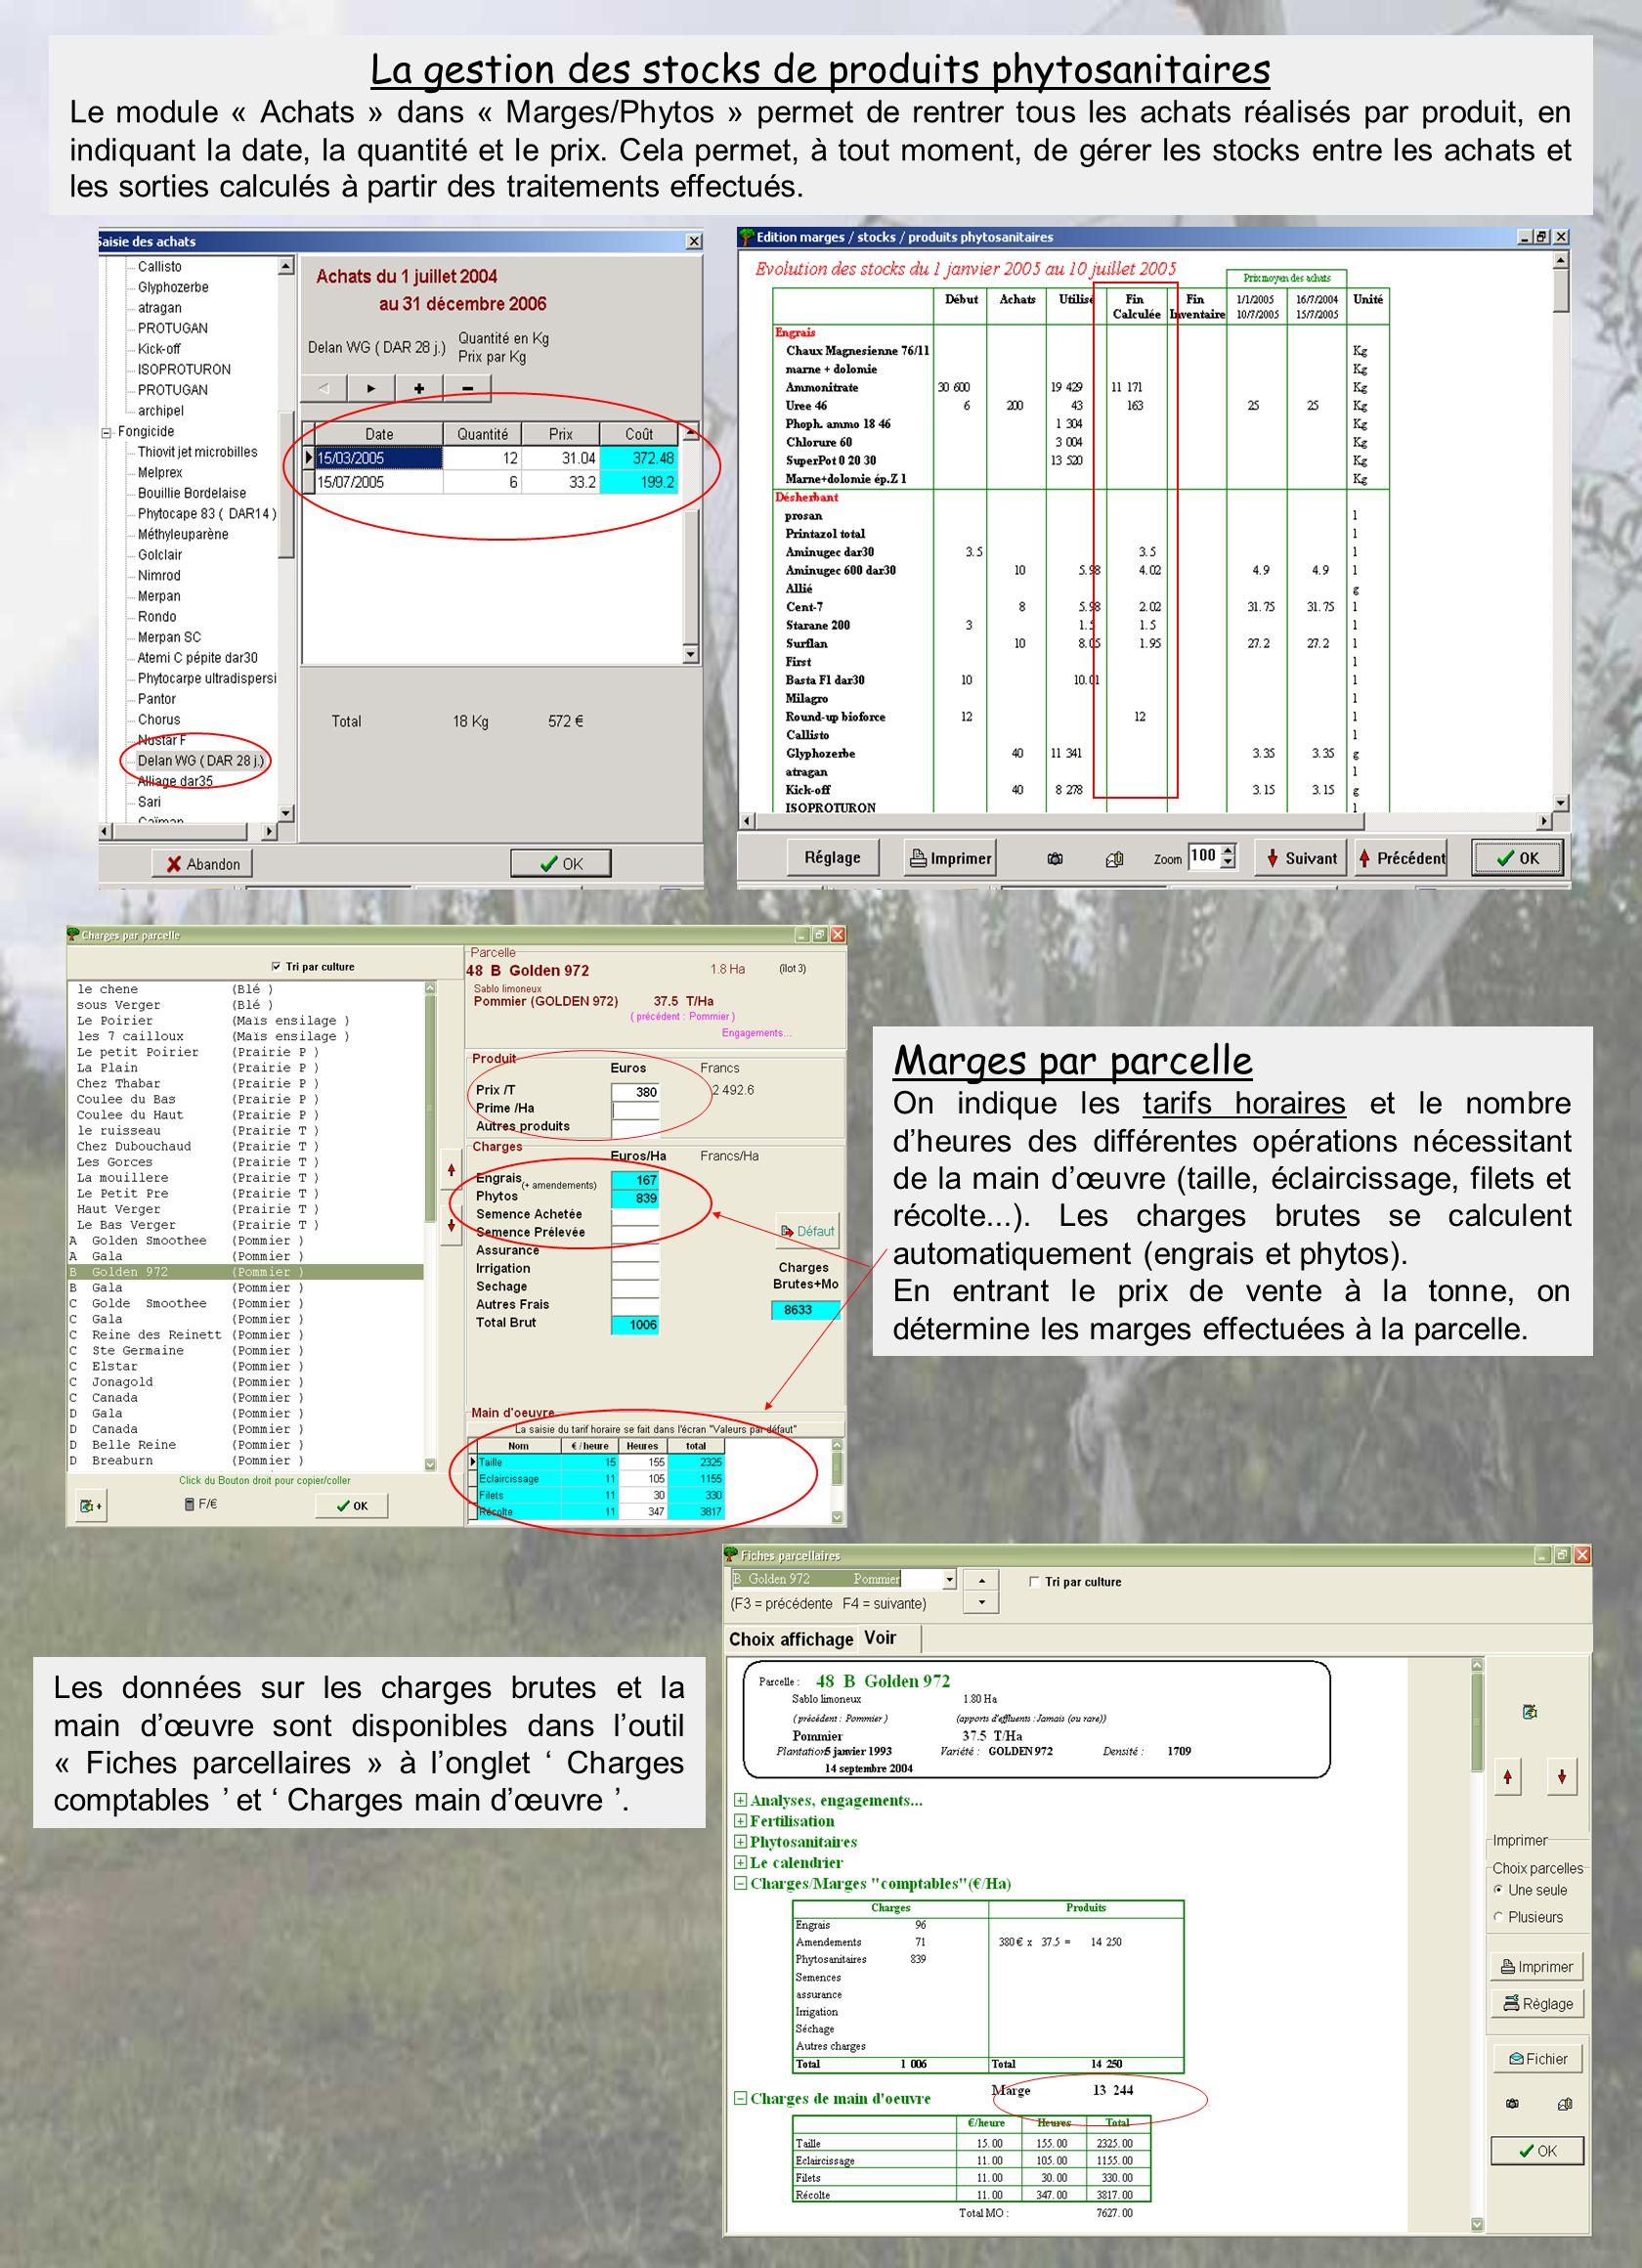 La gestion des stocks de produits phytosanitaires Le module « Achats » dans « Marges/Phytos » permet de rentrer tous les achats réalisés par produit,